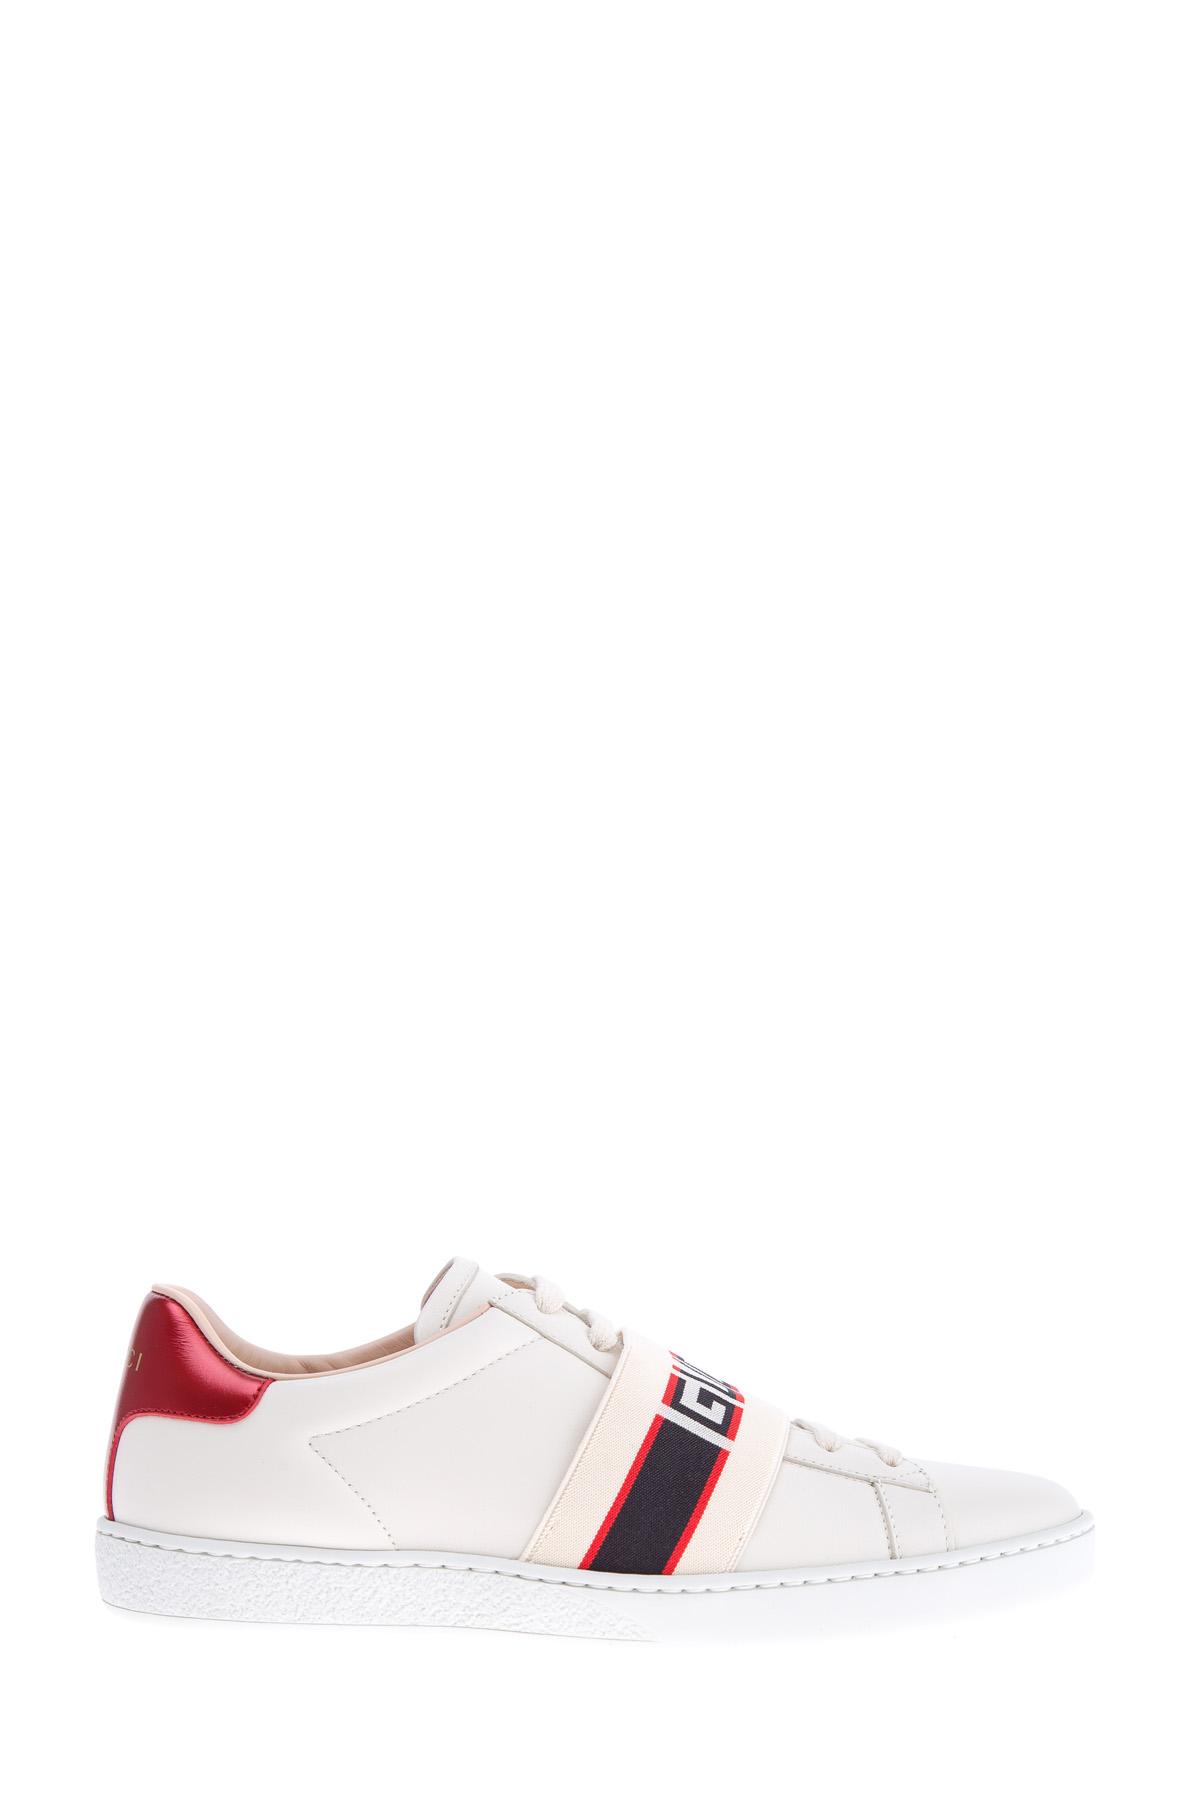 Купить Стильные кеды с широкой эластичной лентой с жаккардовой вышивкой в виде монограммы бренда, GUCCI, Италия, кожа 100%